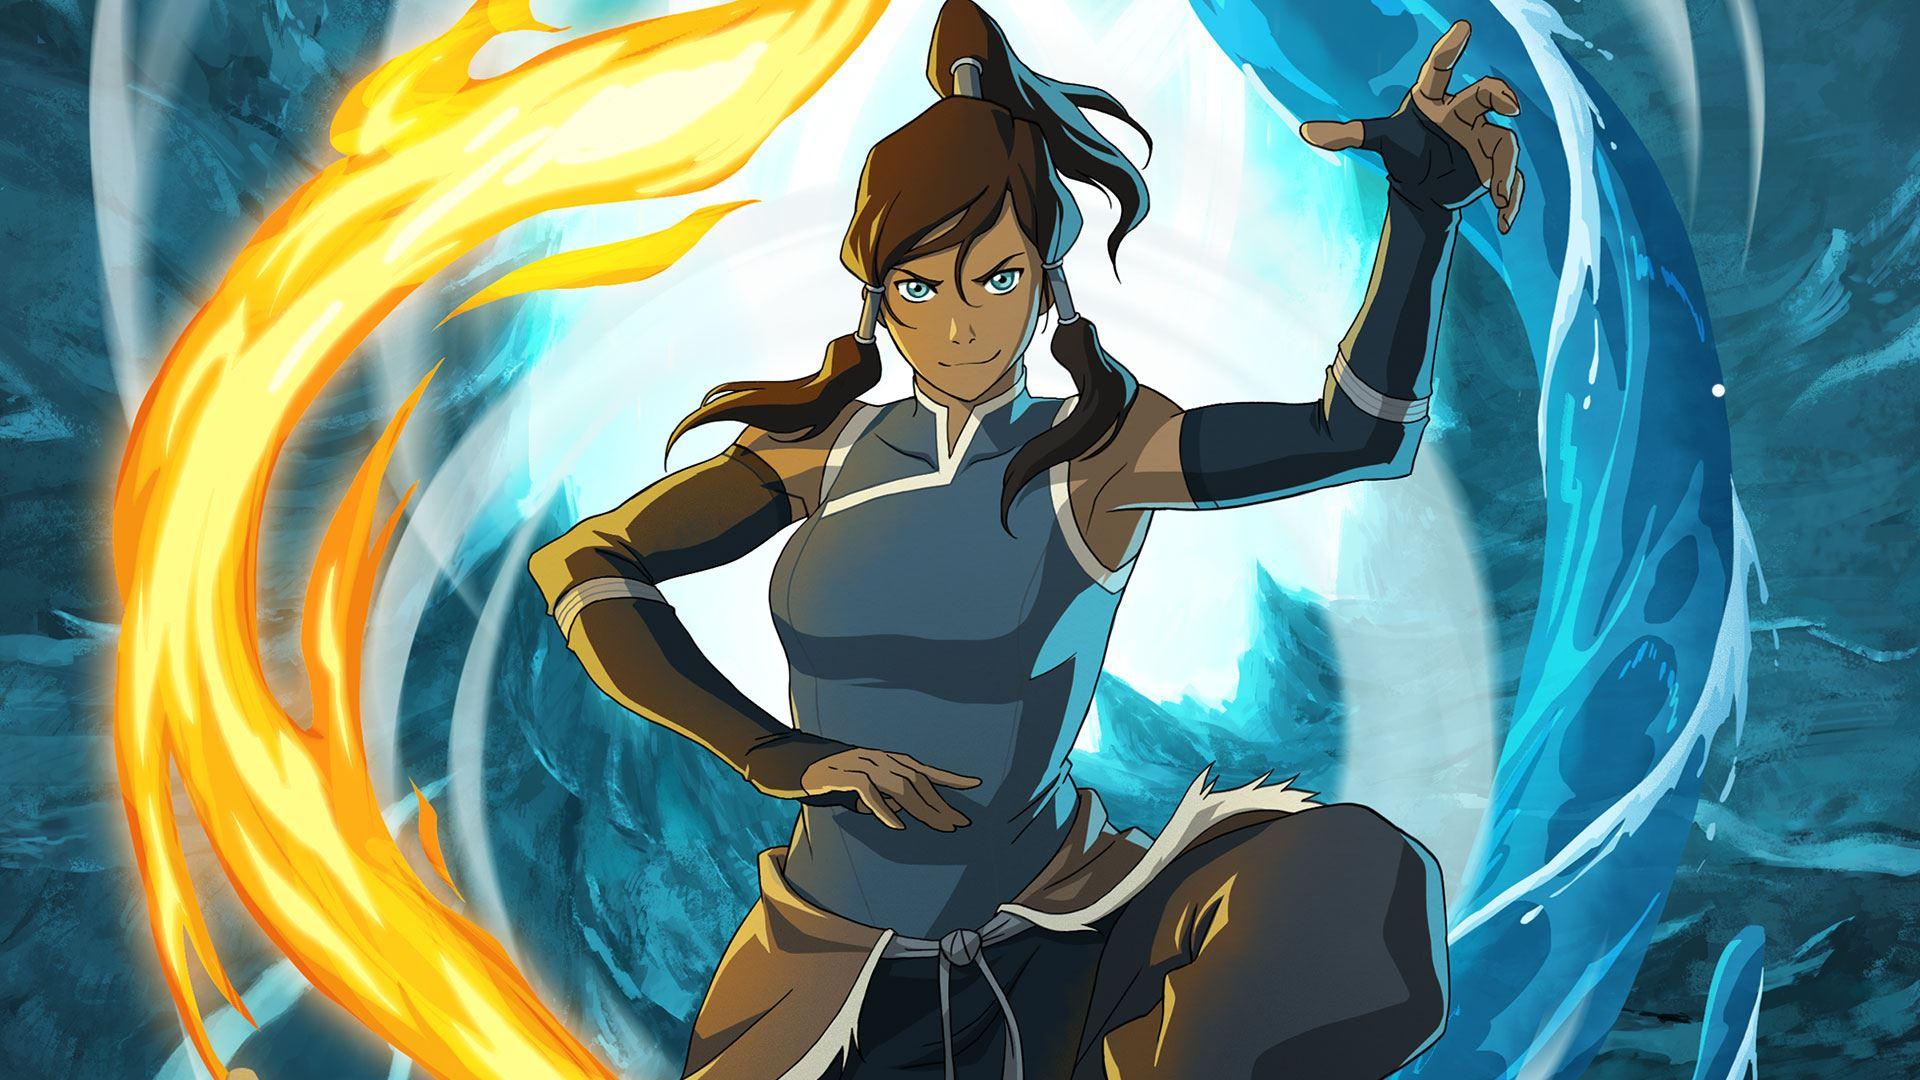 Obejrzyj plansze z komiksu kontynuującego Legendę Korry